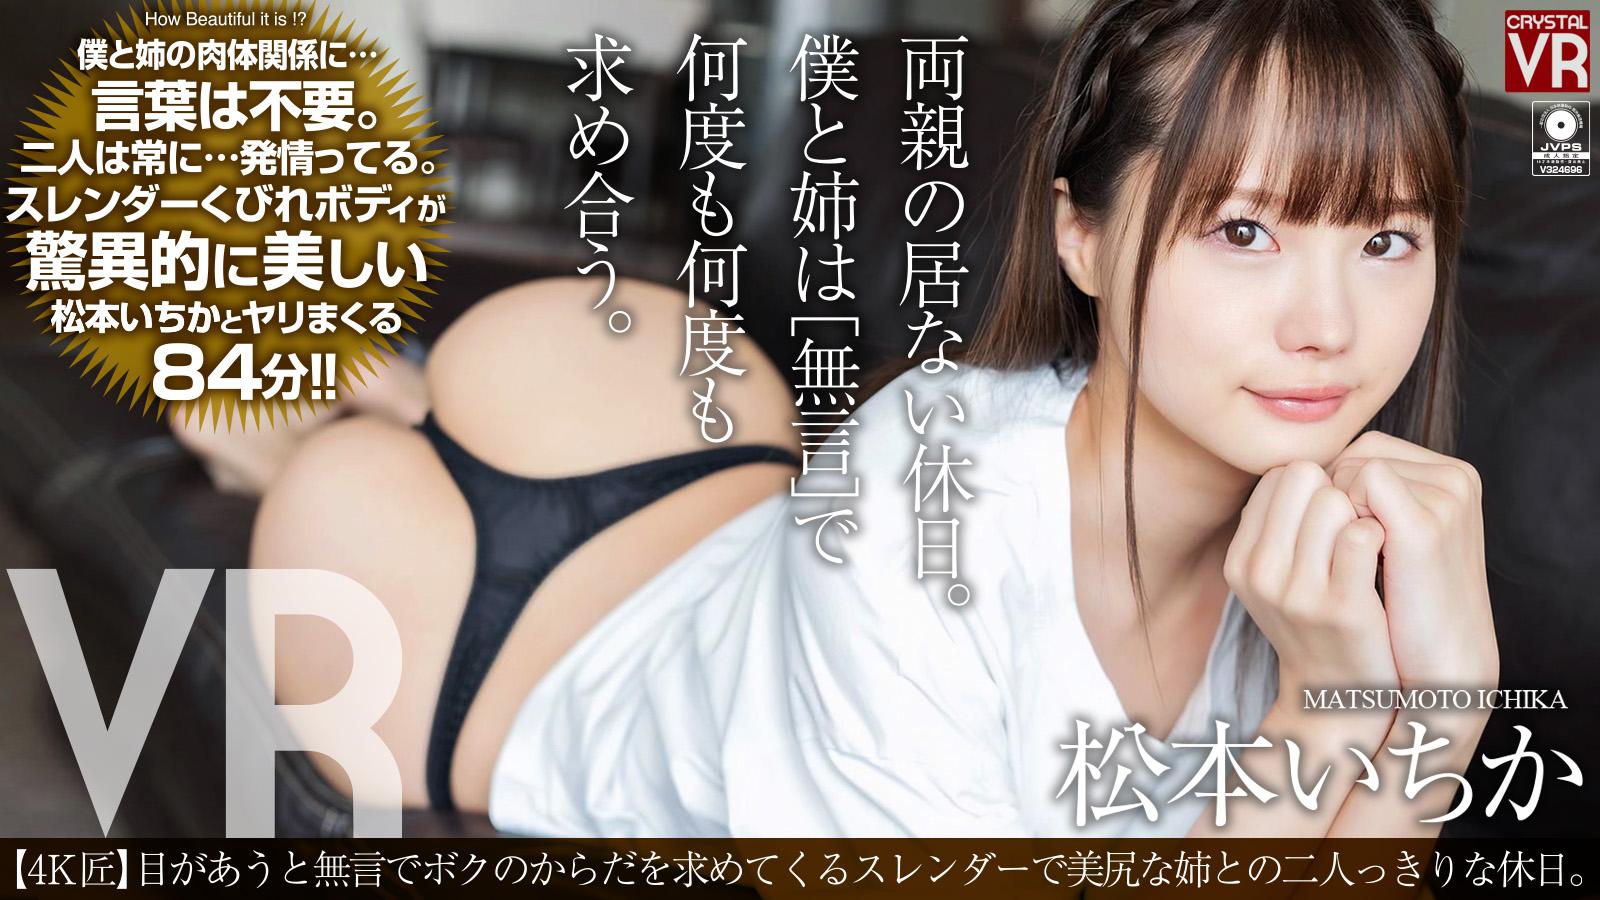 【通常版】松本いちか 目があうと無言でボクのからだを求めてくるスレンダーで美尻な姉との二人っきりな休日。